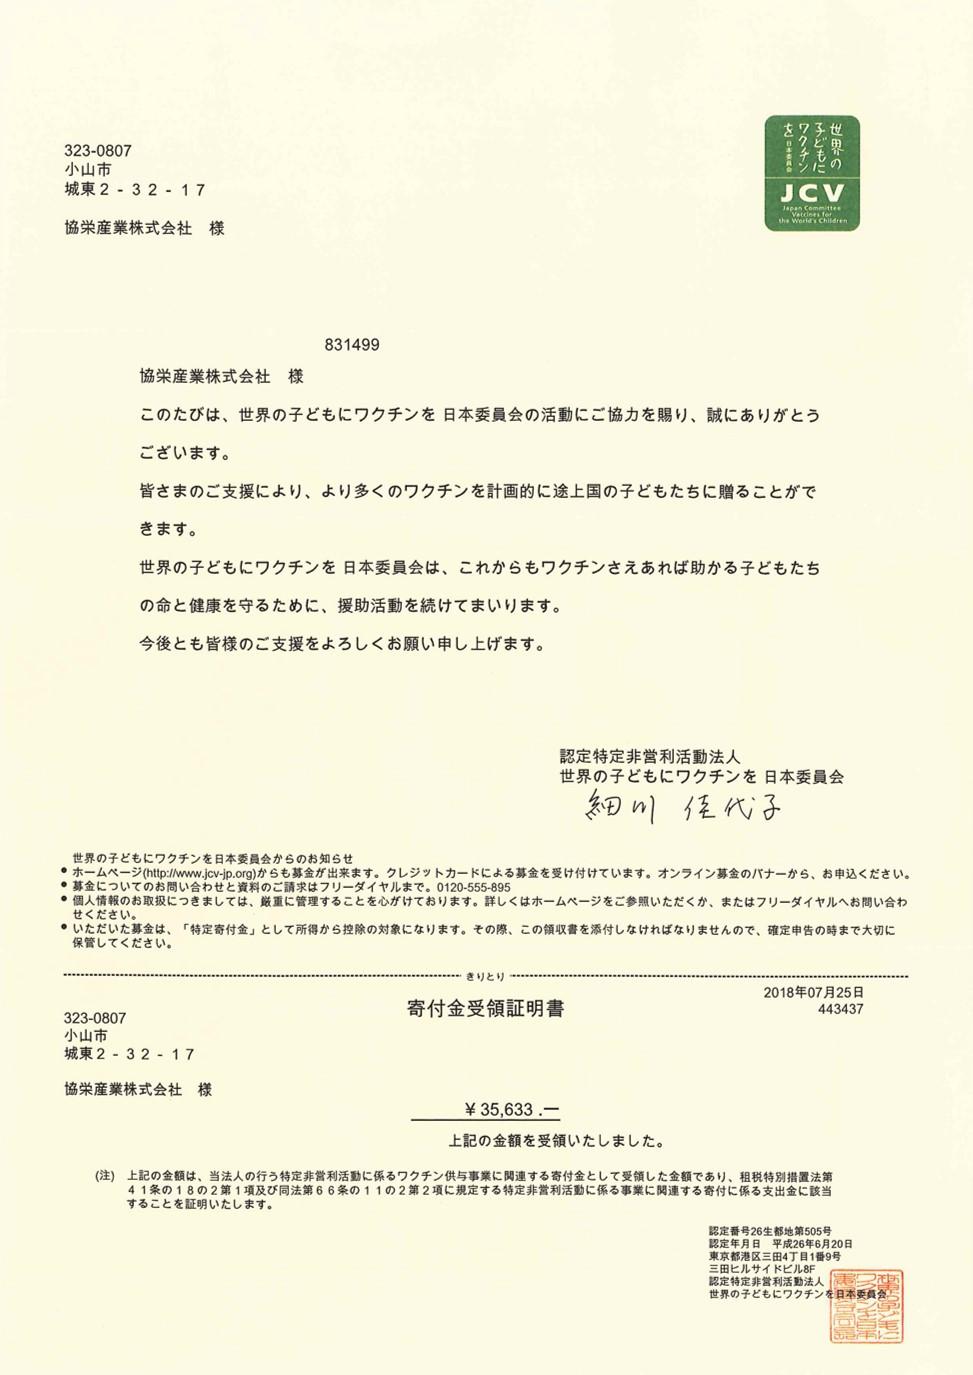 協栄産業 ジャパンテック ワクチンキャップ運動 ワクチンキャップ委員会 PETボトル ペットボトル キャップ 世界の子供にワクチンを日本委員会 JCV 東京ペットボトルリサイクル リサイクル エコキャップ